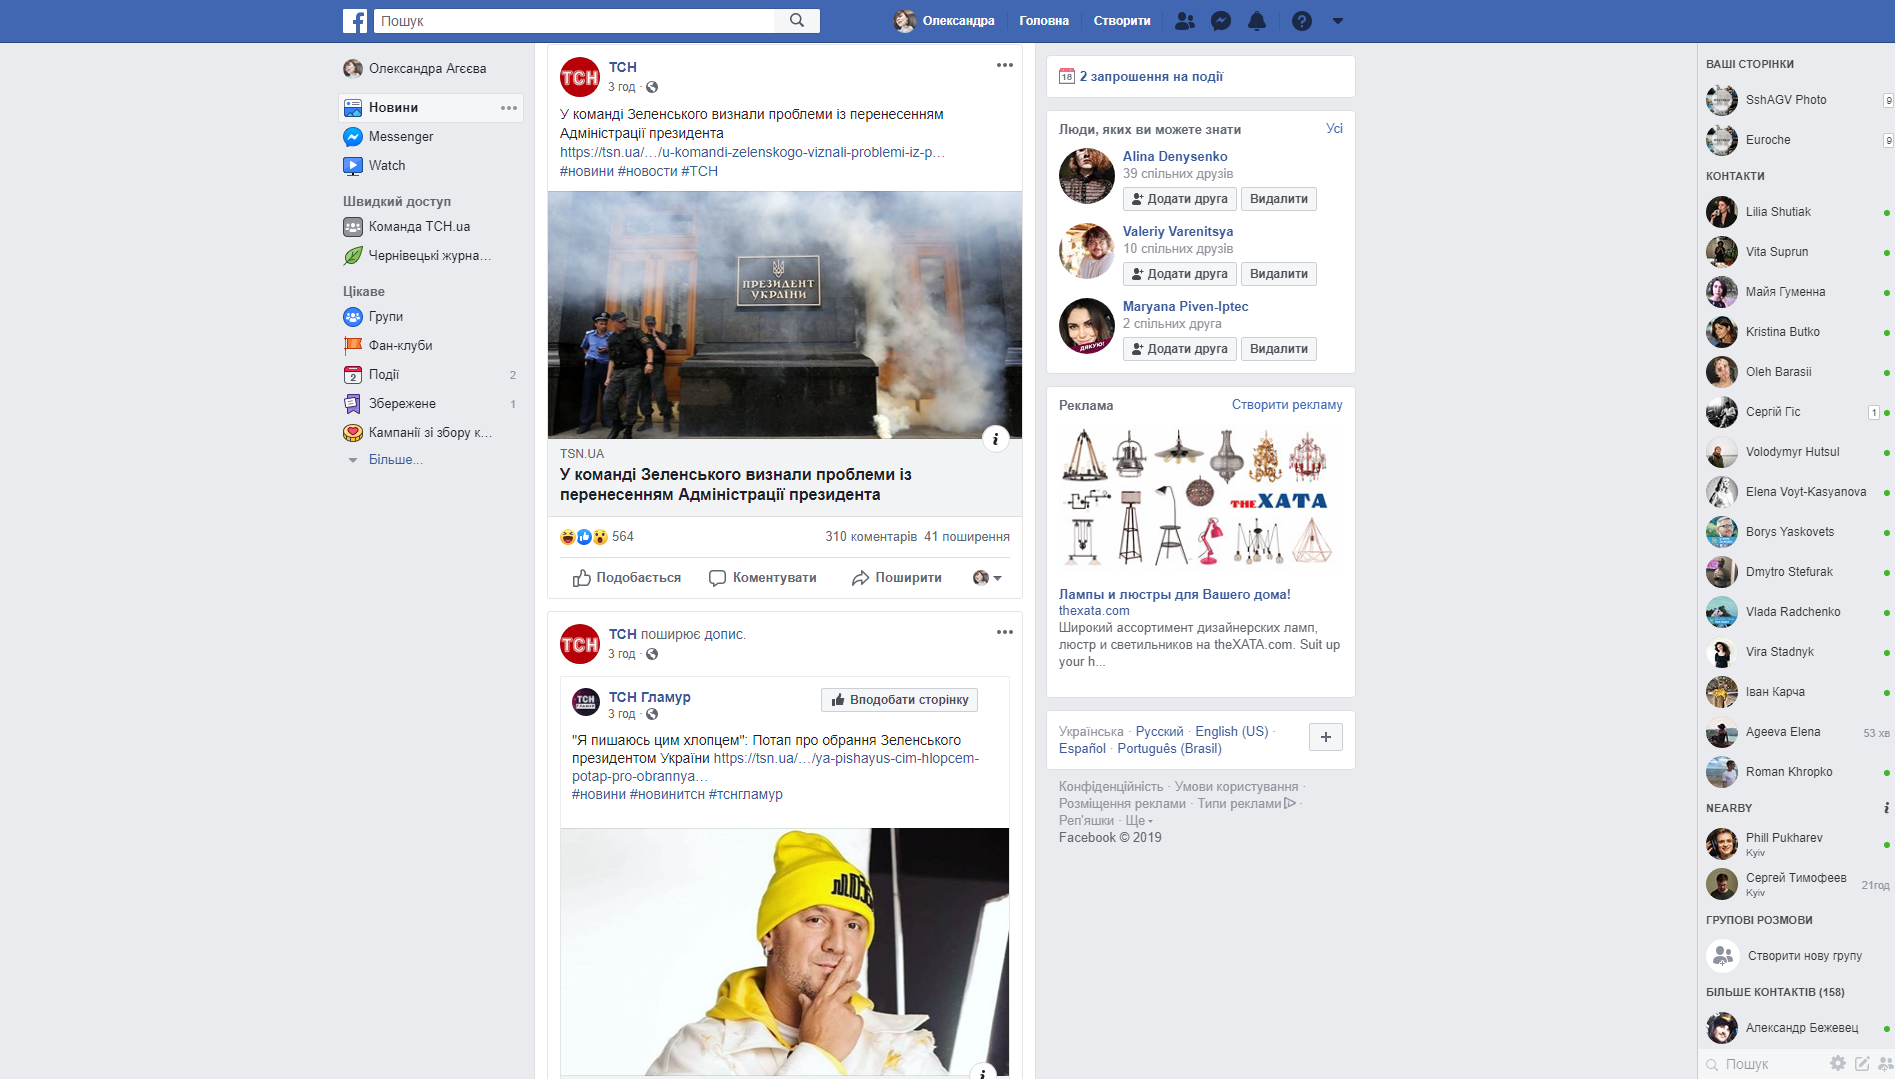 фейсбук вигляд 15 років_13